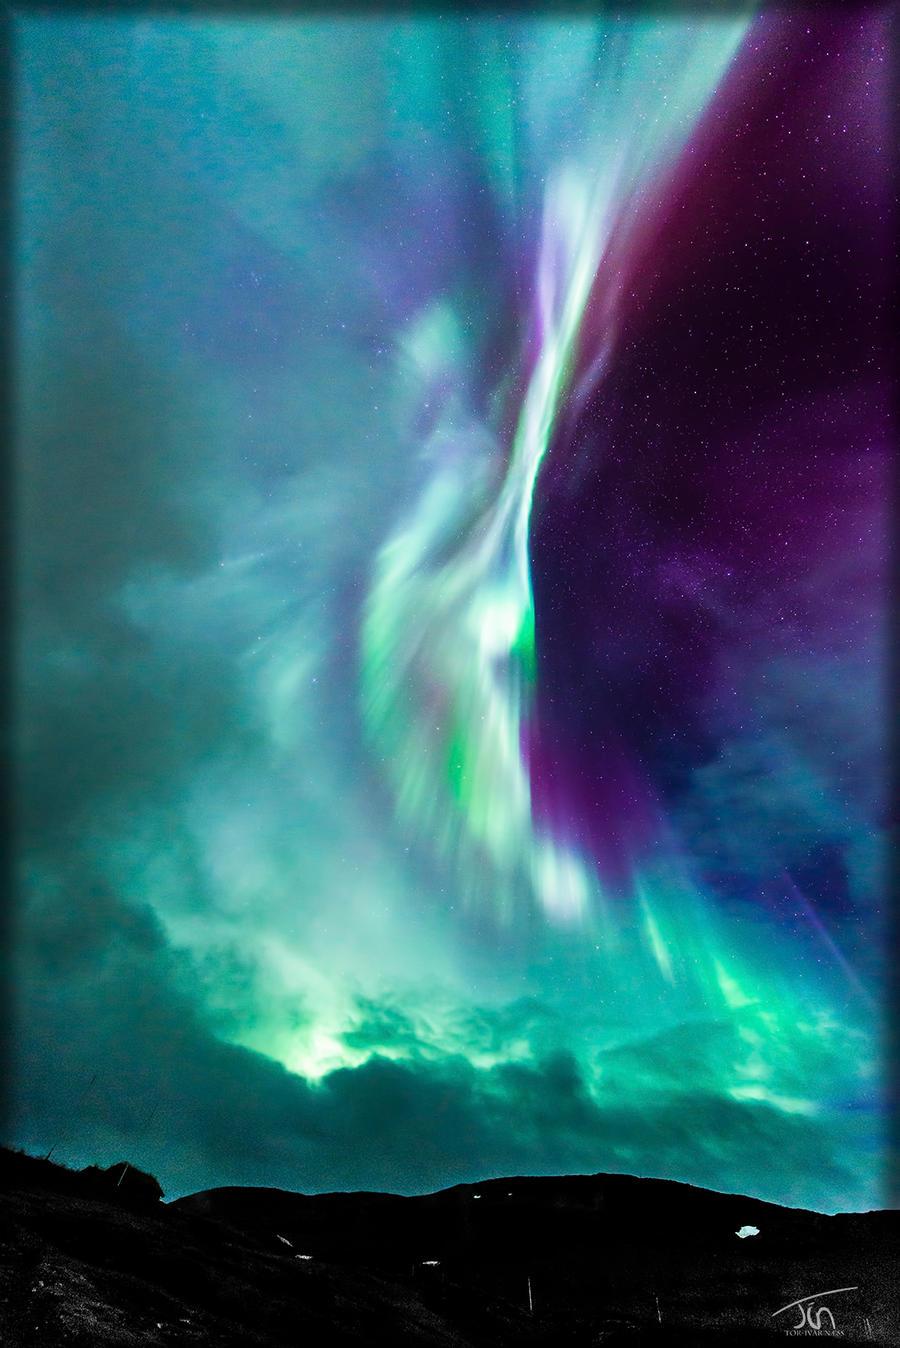 Clouds vs Auroras by torivarn